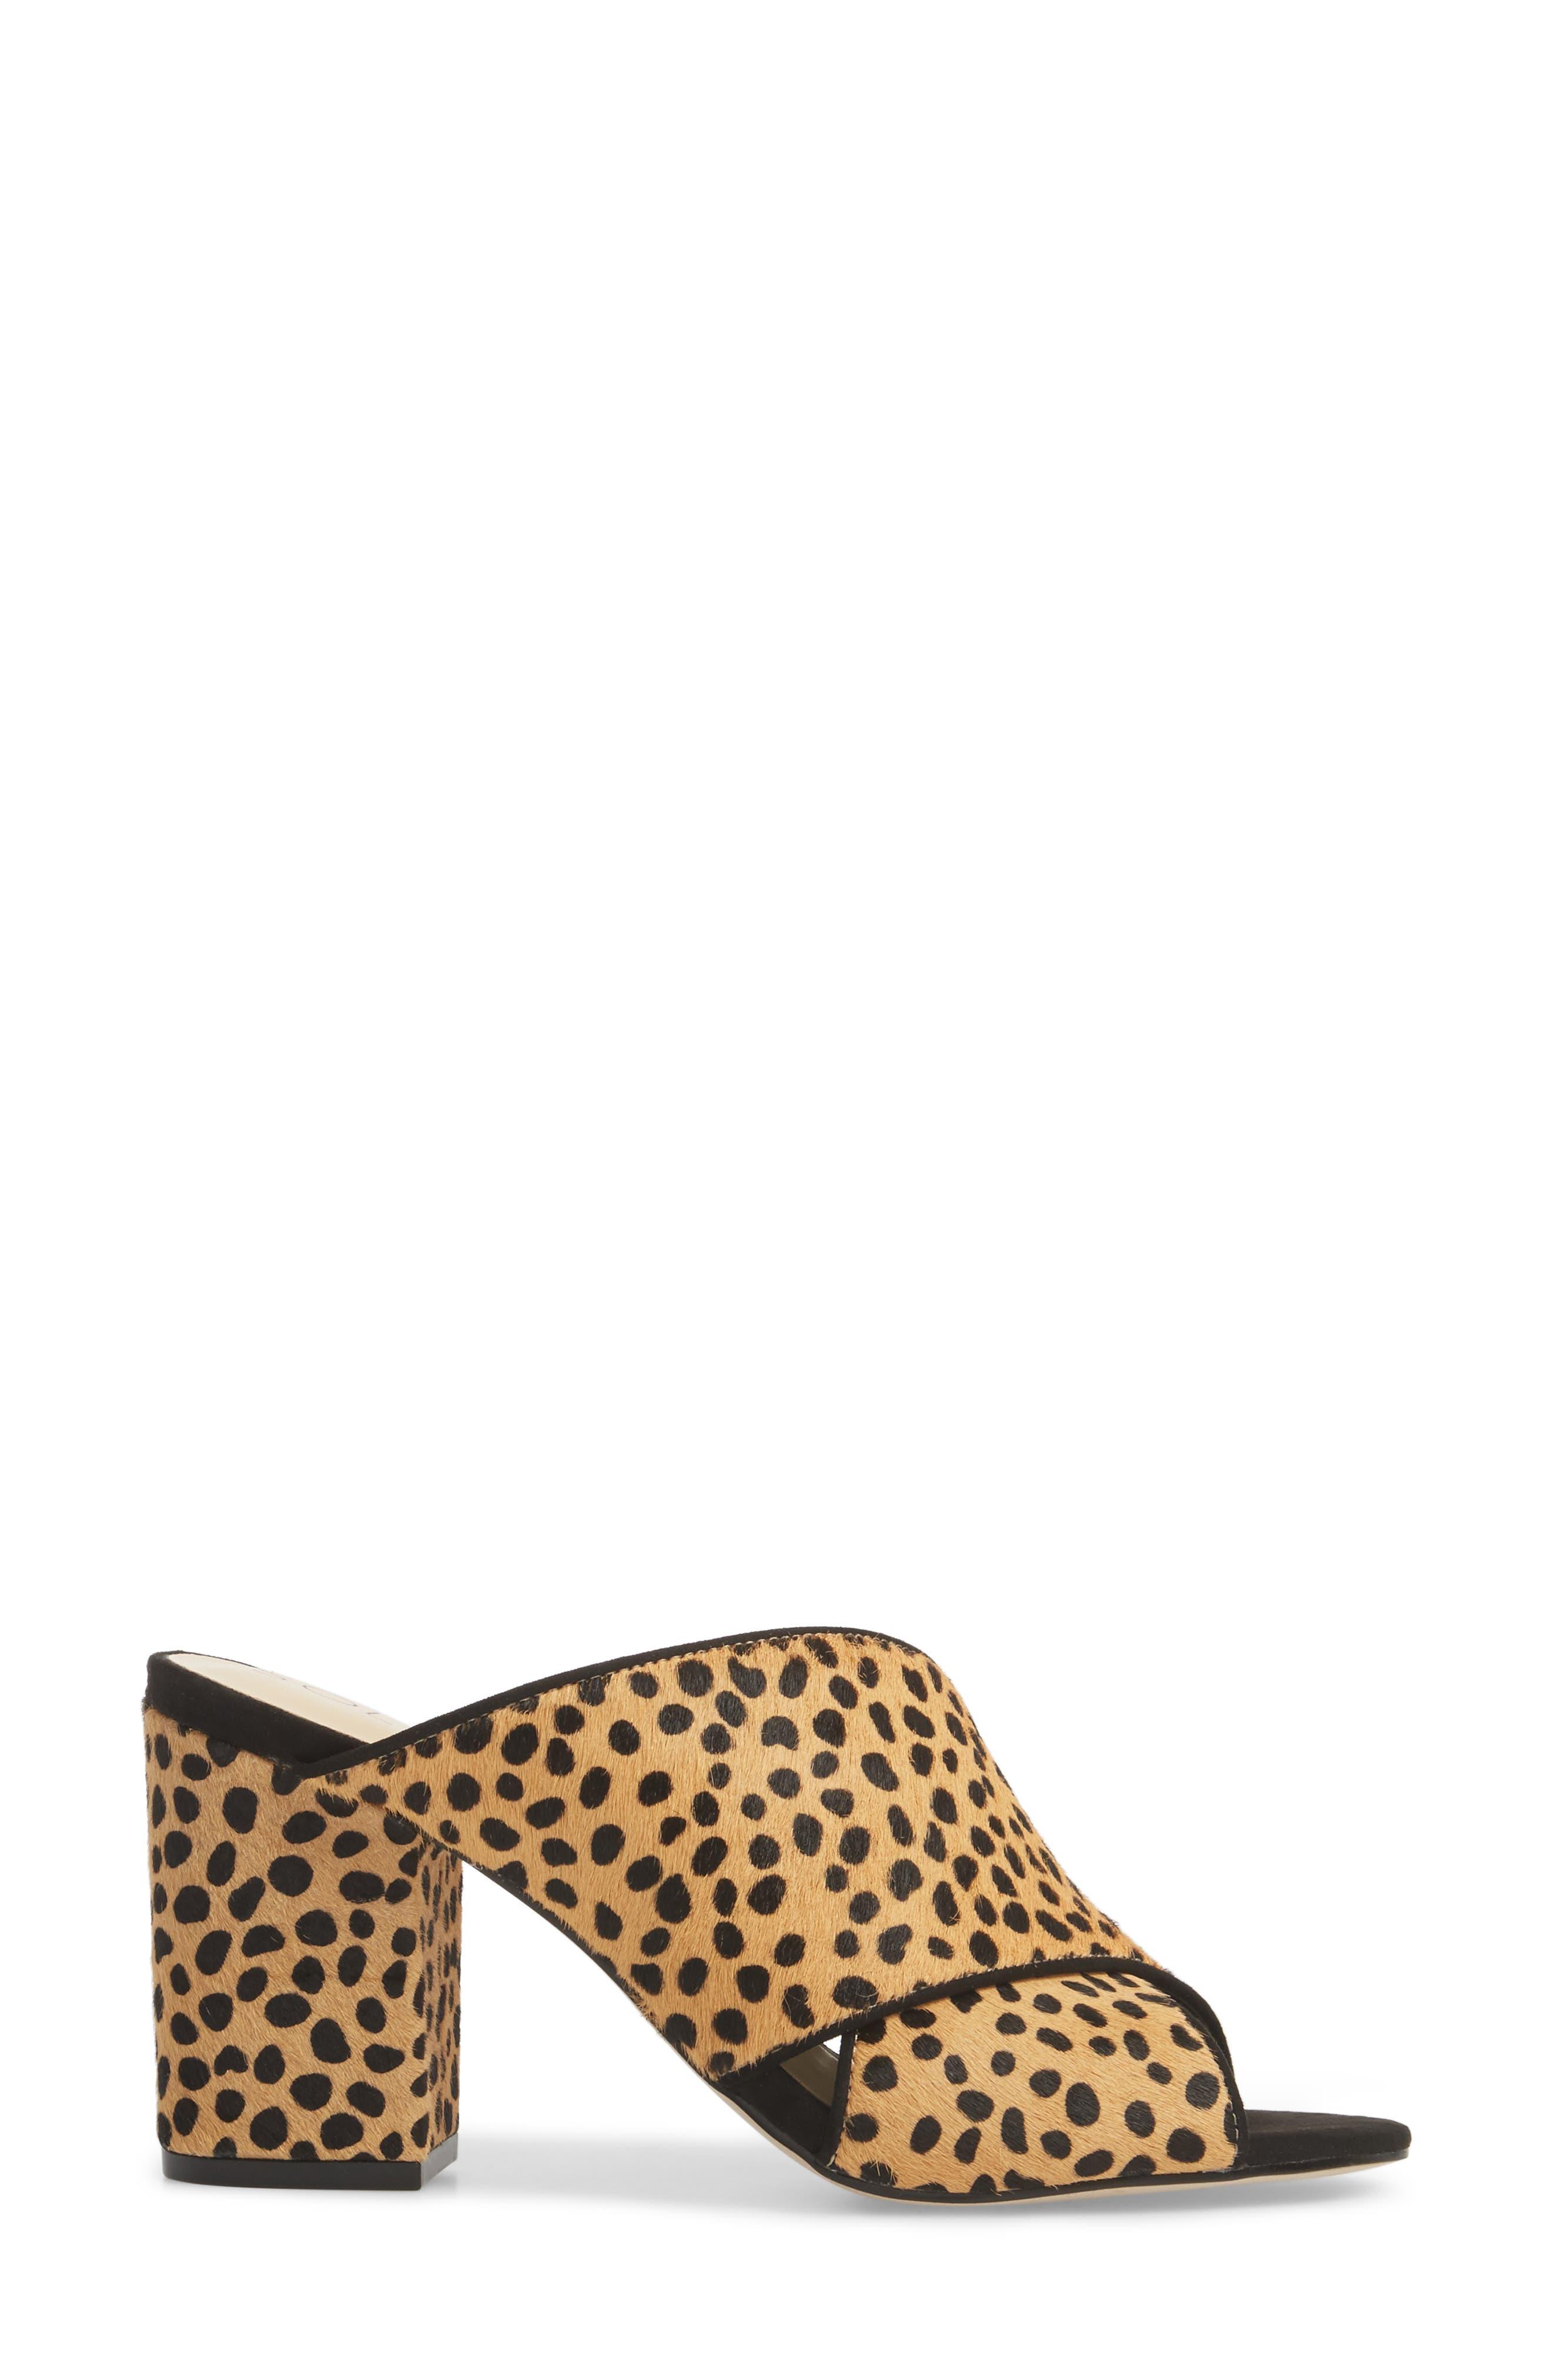 Luella Genuine Calf Hair Slide,                             Alternate thumbnail 3, color,                             Cheetah Dot Haircalf